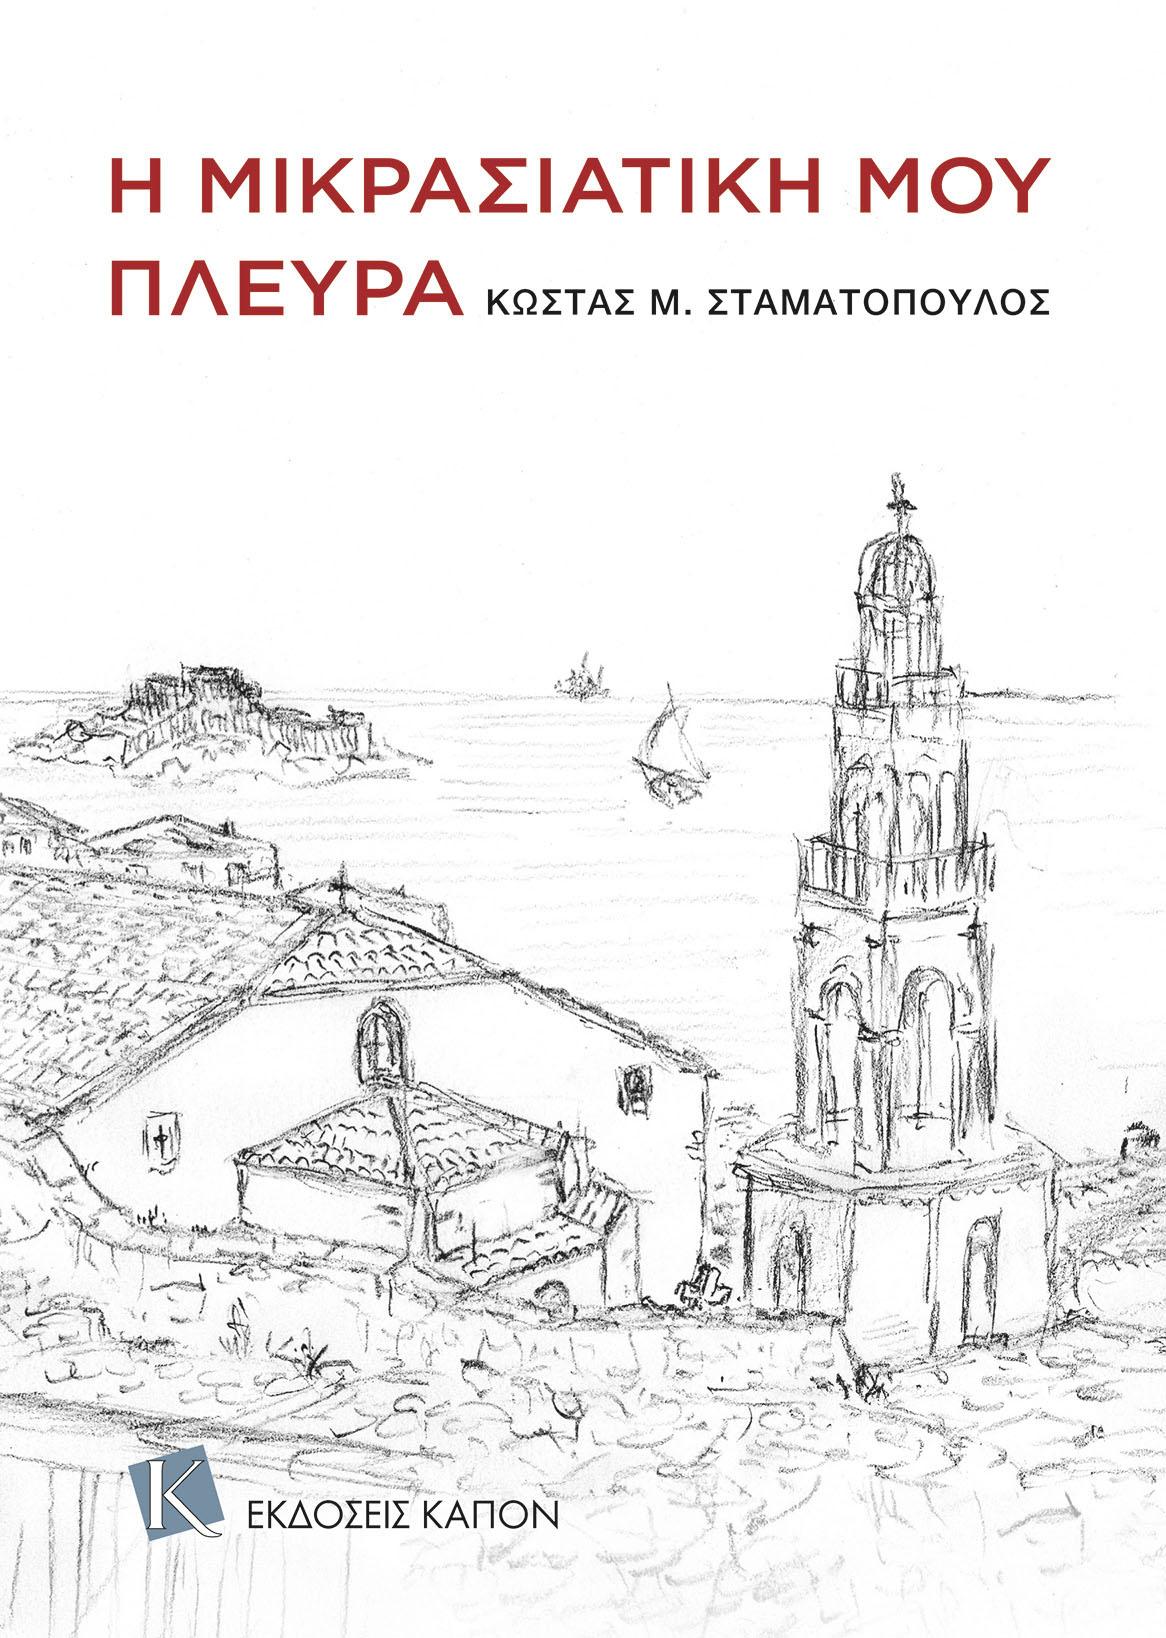 Παρουσιάζεται το βιβλίο του Κώστα Μ. Σταματόπουλου «Η μικρασιατική μου πλευρά»